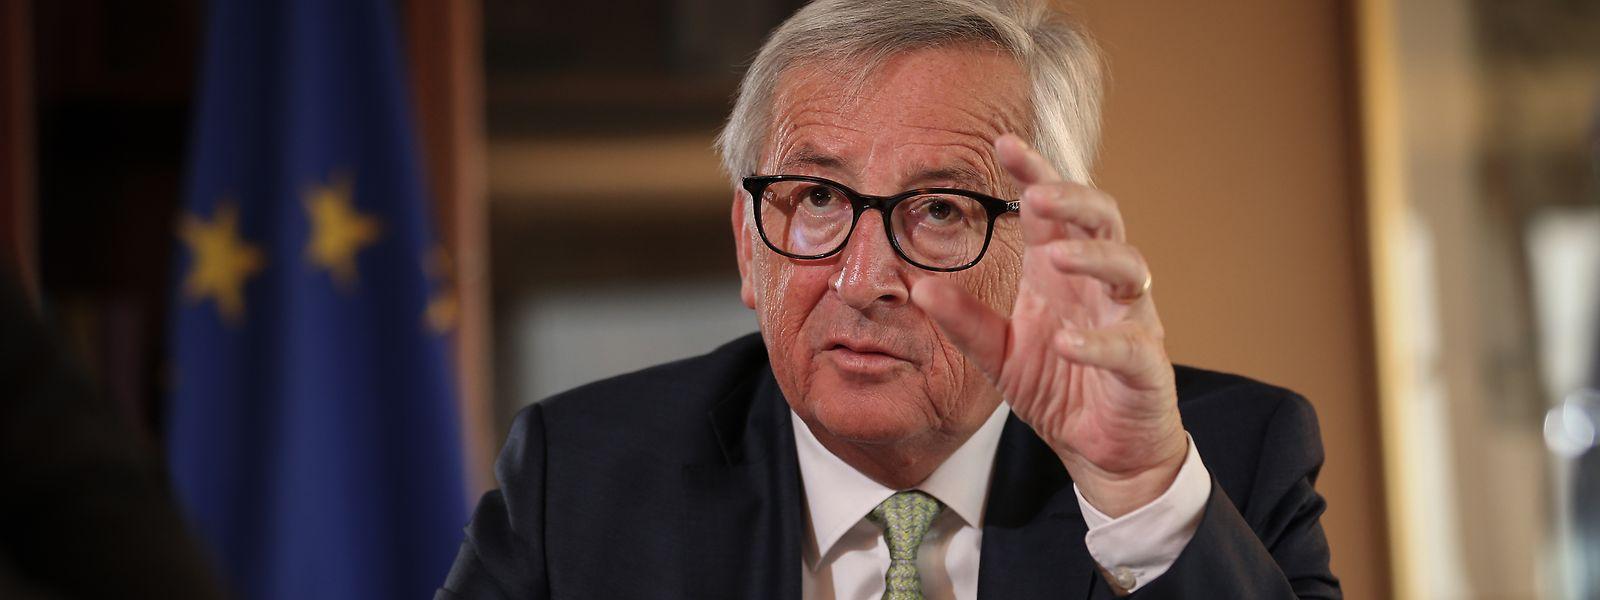 Jean-Claude Juncker wird seit Jahren von gesundheitlichen Problemen geplagt.